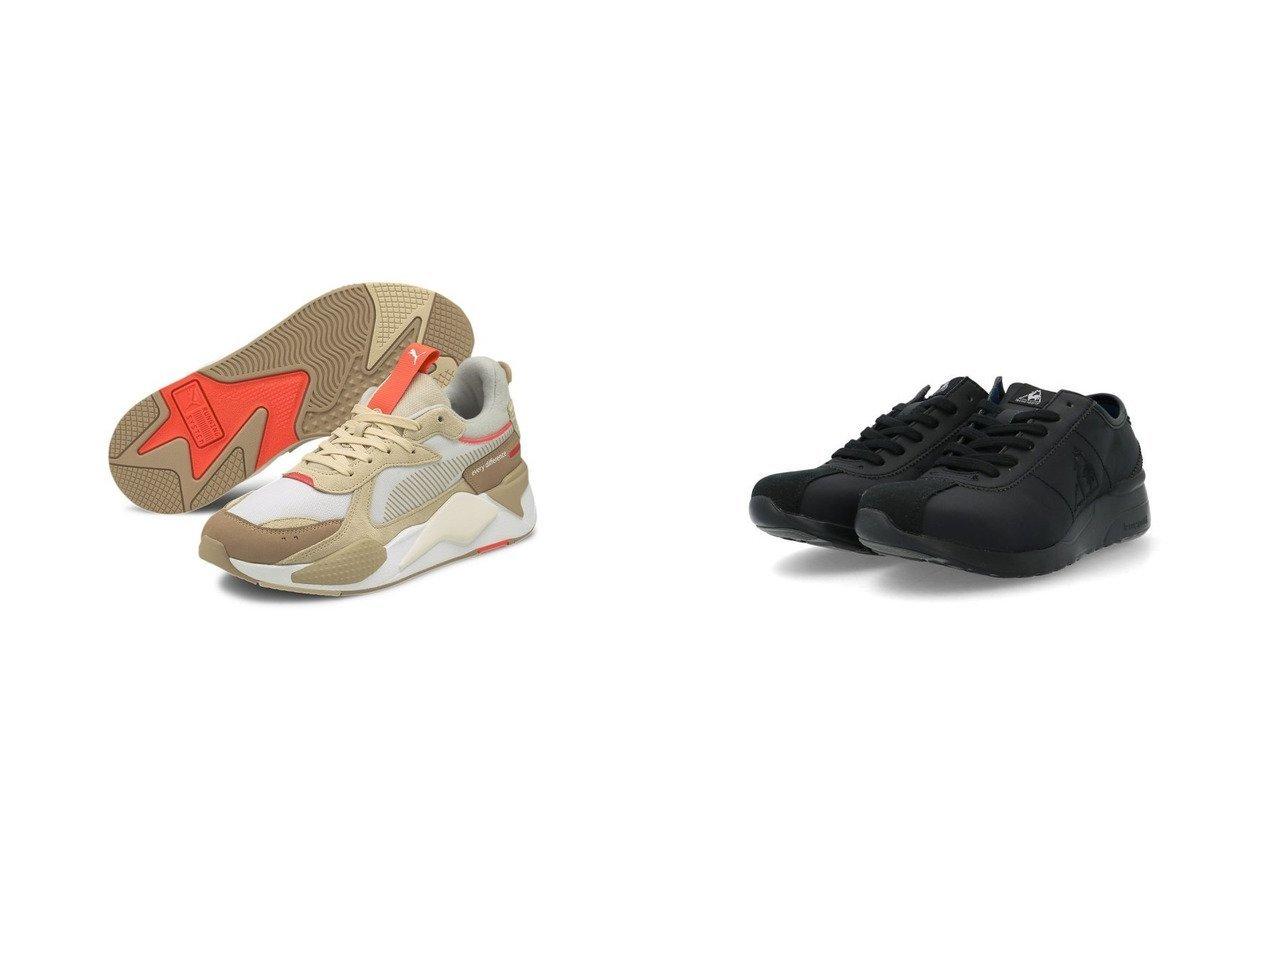 【le coq sportif/ルコックスポルティフ】のヒールアップスニーカー&【PUMA/プーマ】のRS-X コンベイ スニーカー ユニセックス 【シューズ・靴】おすすめ!人気、トレンド・レディースファッションの通販 おすすめで人気の流行・トレンド、ファッションの通販商品 メンズファッション・キッズファッション・インテリア・家具・レディースファッション・服の通販 founy(ファニー) https://founy.com/ ファッション Fashion レディースファッション WOMEN インソール シューズ スニーカー スリッポン フェミニン 軽量 2021年 2021 2021春夏・S/S SS/Spring/Summer/2021 S/S・春夏 SS・Spring/Summer コレクション パフォーマンス 春 Spring |ID:crp329100000038588